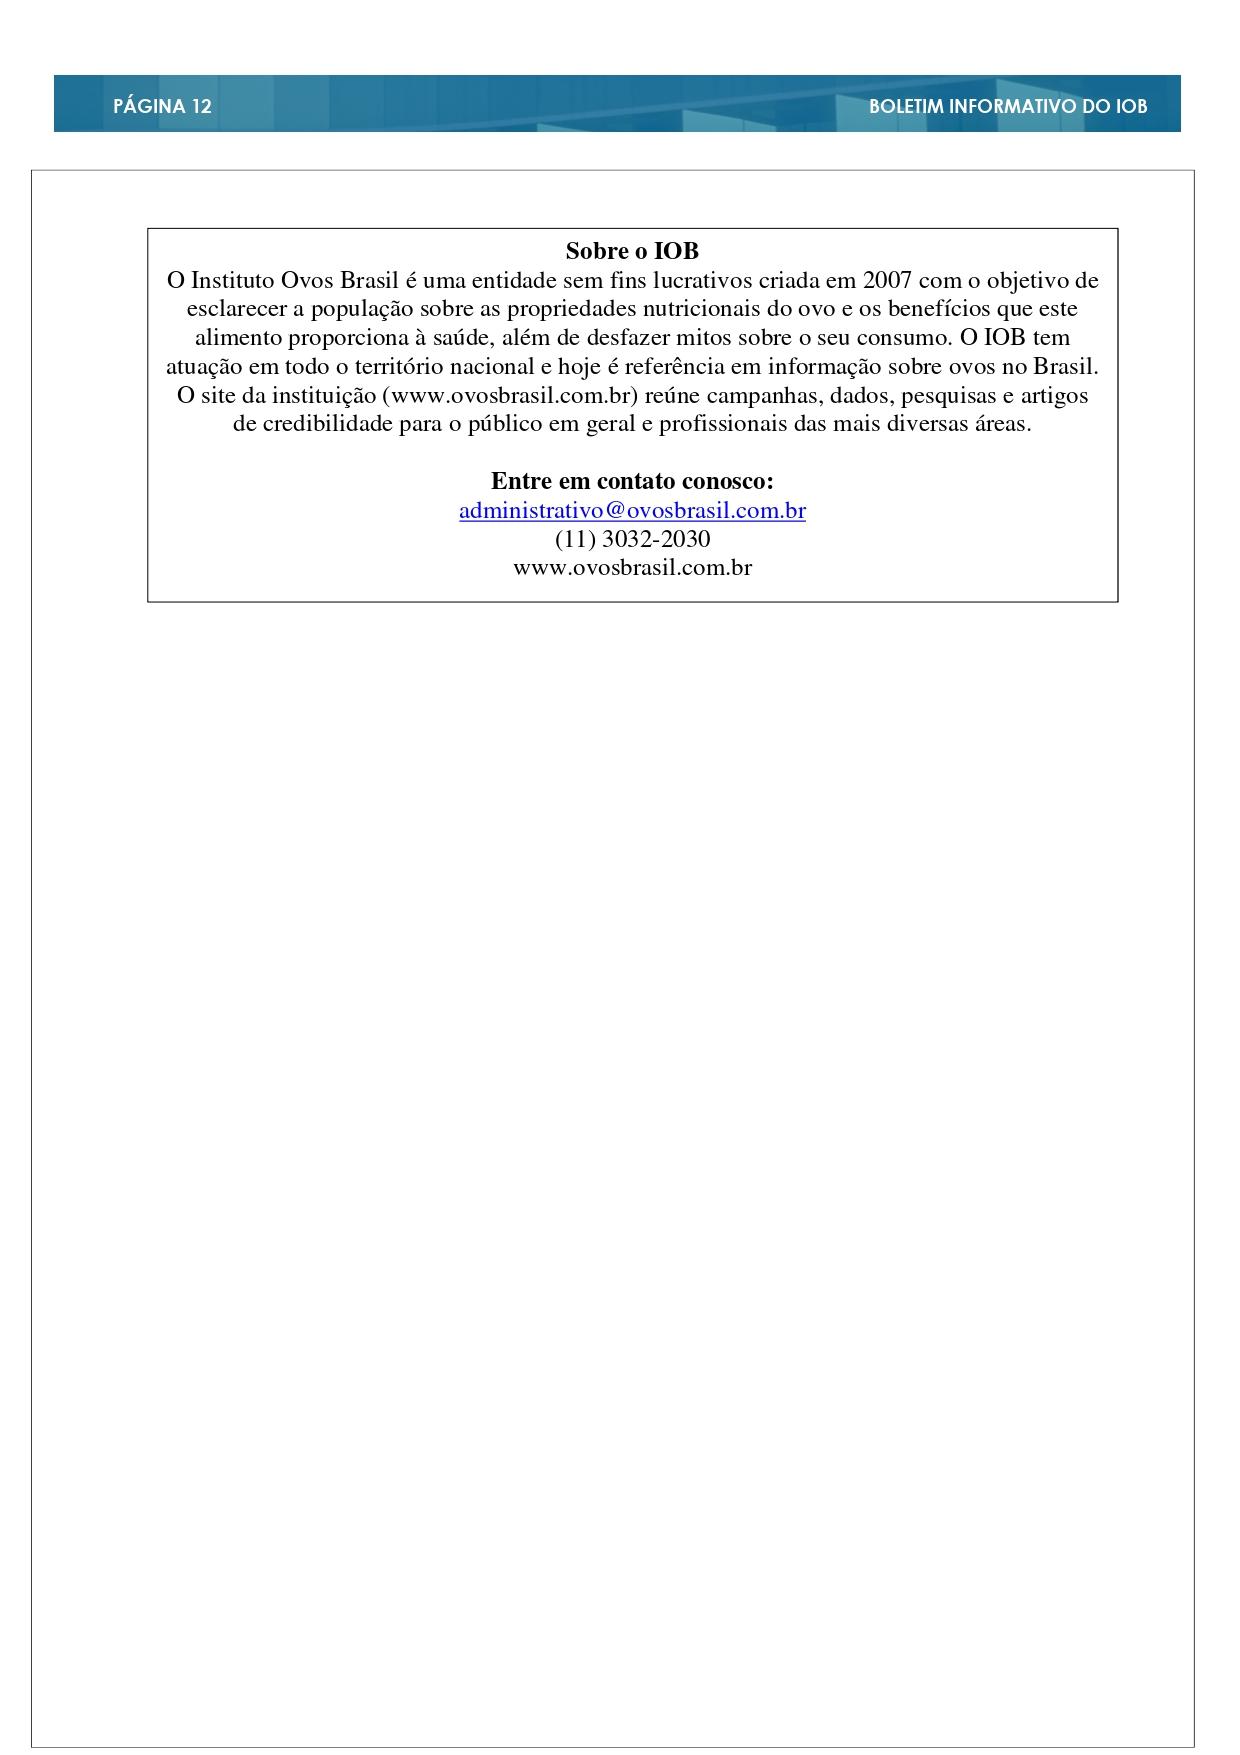 2° Edição Informe Trimestral _page-0012